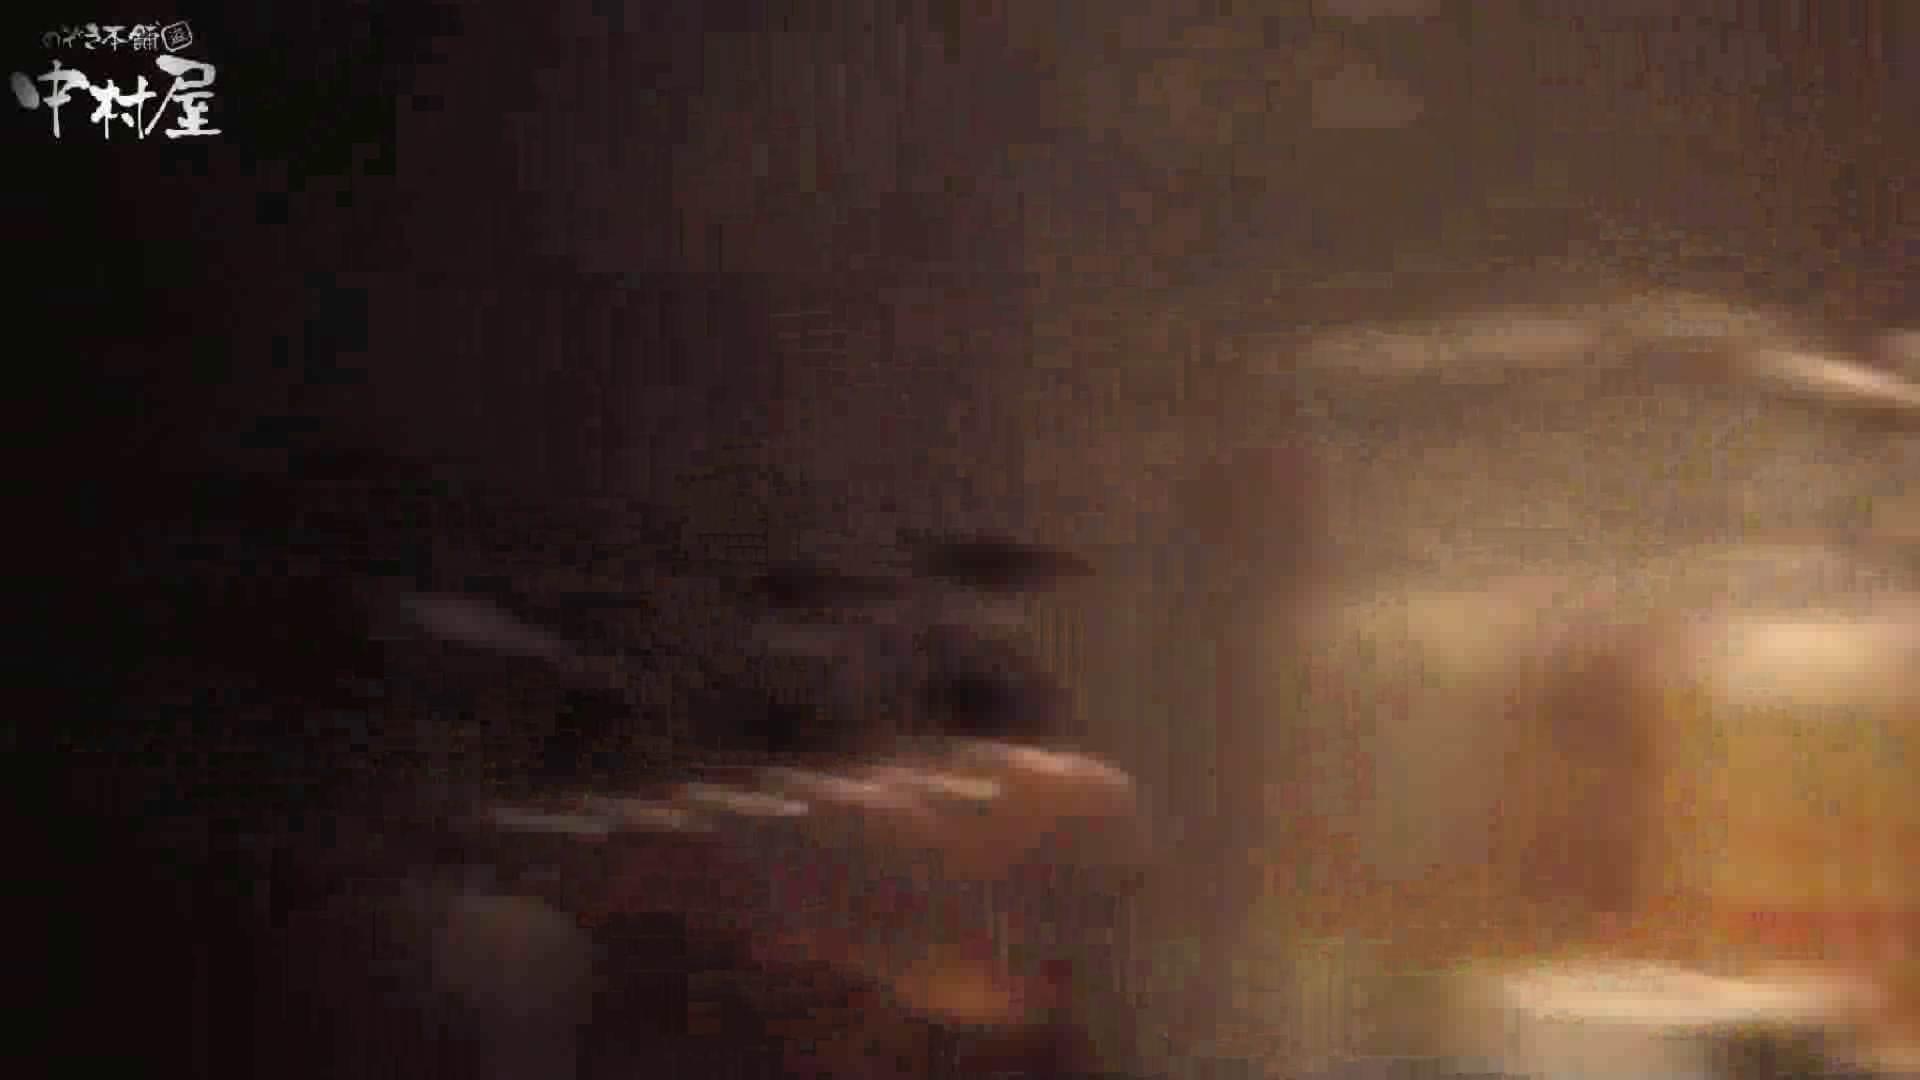 民家風呂専門盗撮師の超危険映像 vol.009 美女まとめ ワレメ無修正動画無料 90PIX 78